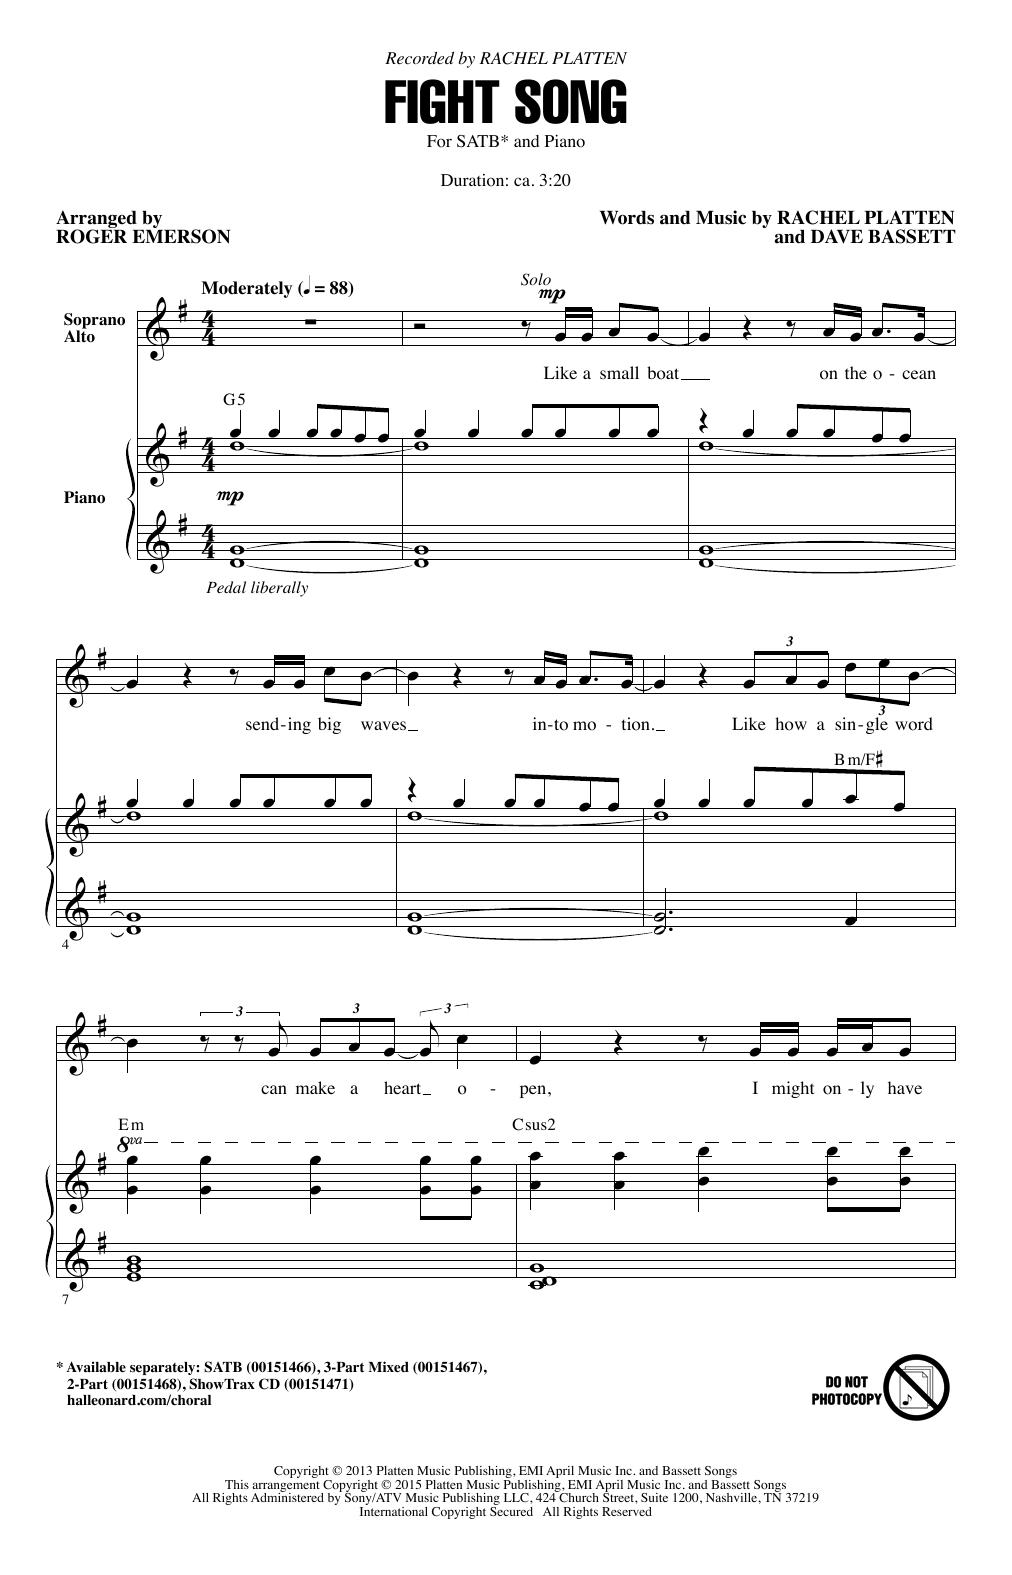 Partition chorale Fight Song (arr. Roger Emerson) de Rachel Platten - SATB